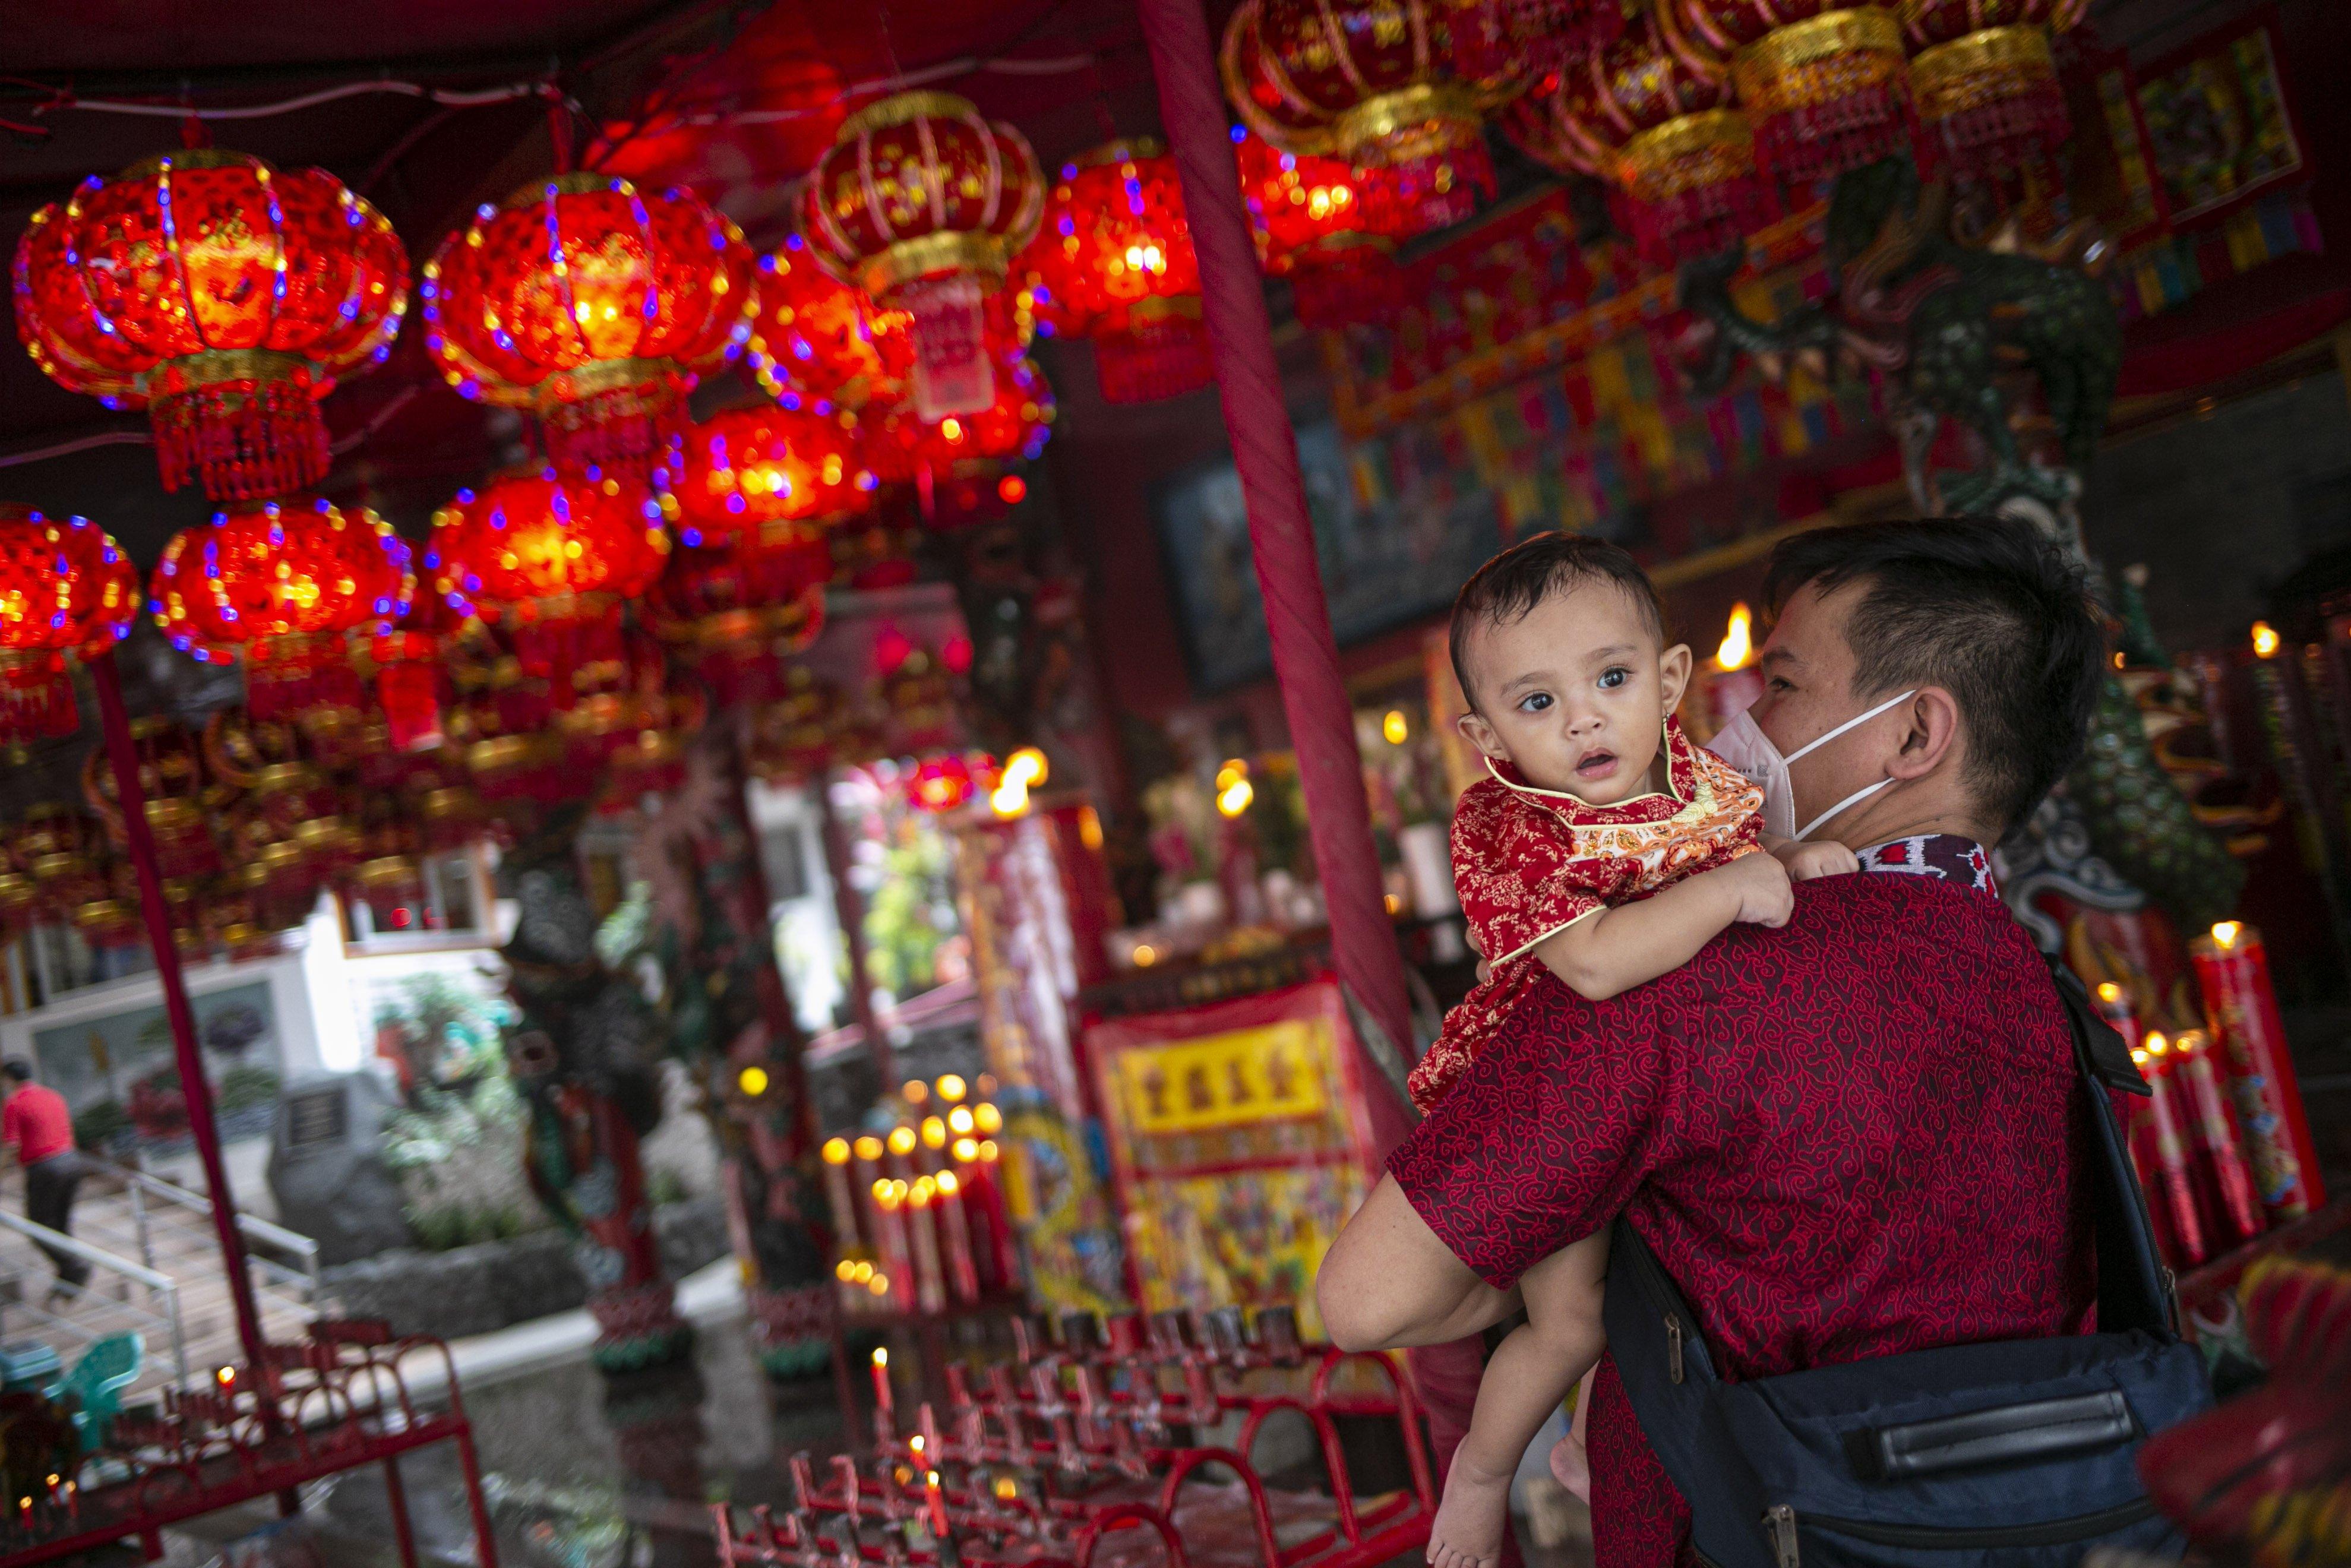 Warga keturunan Tionghoa bersama anaknya menyambut tahun baru Imlek 2572 di Vihara Amurva Bhumi, Jakarta, Kamis (11/2/2021).